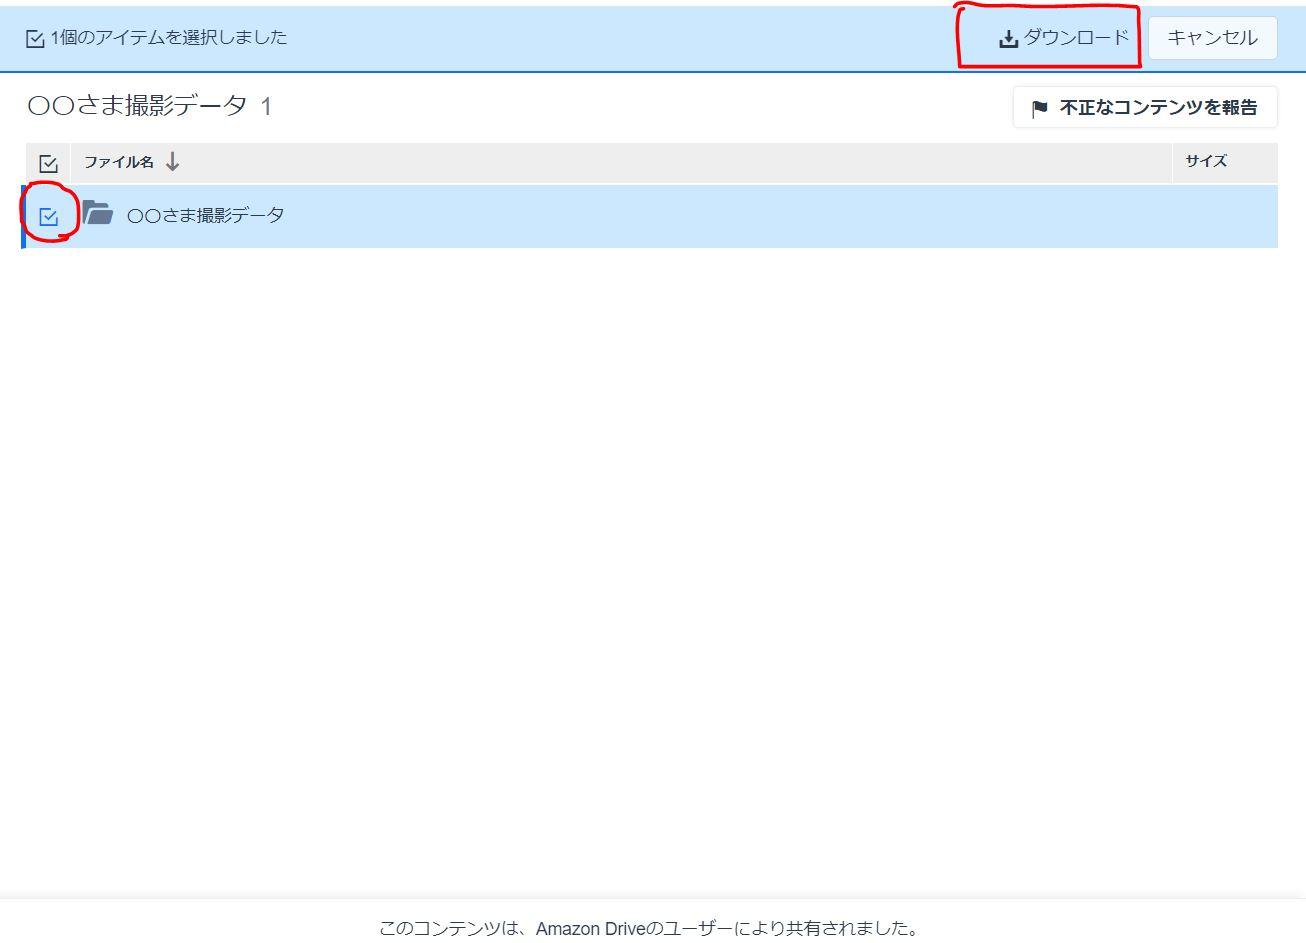 アマゾンドライブ画面